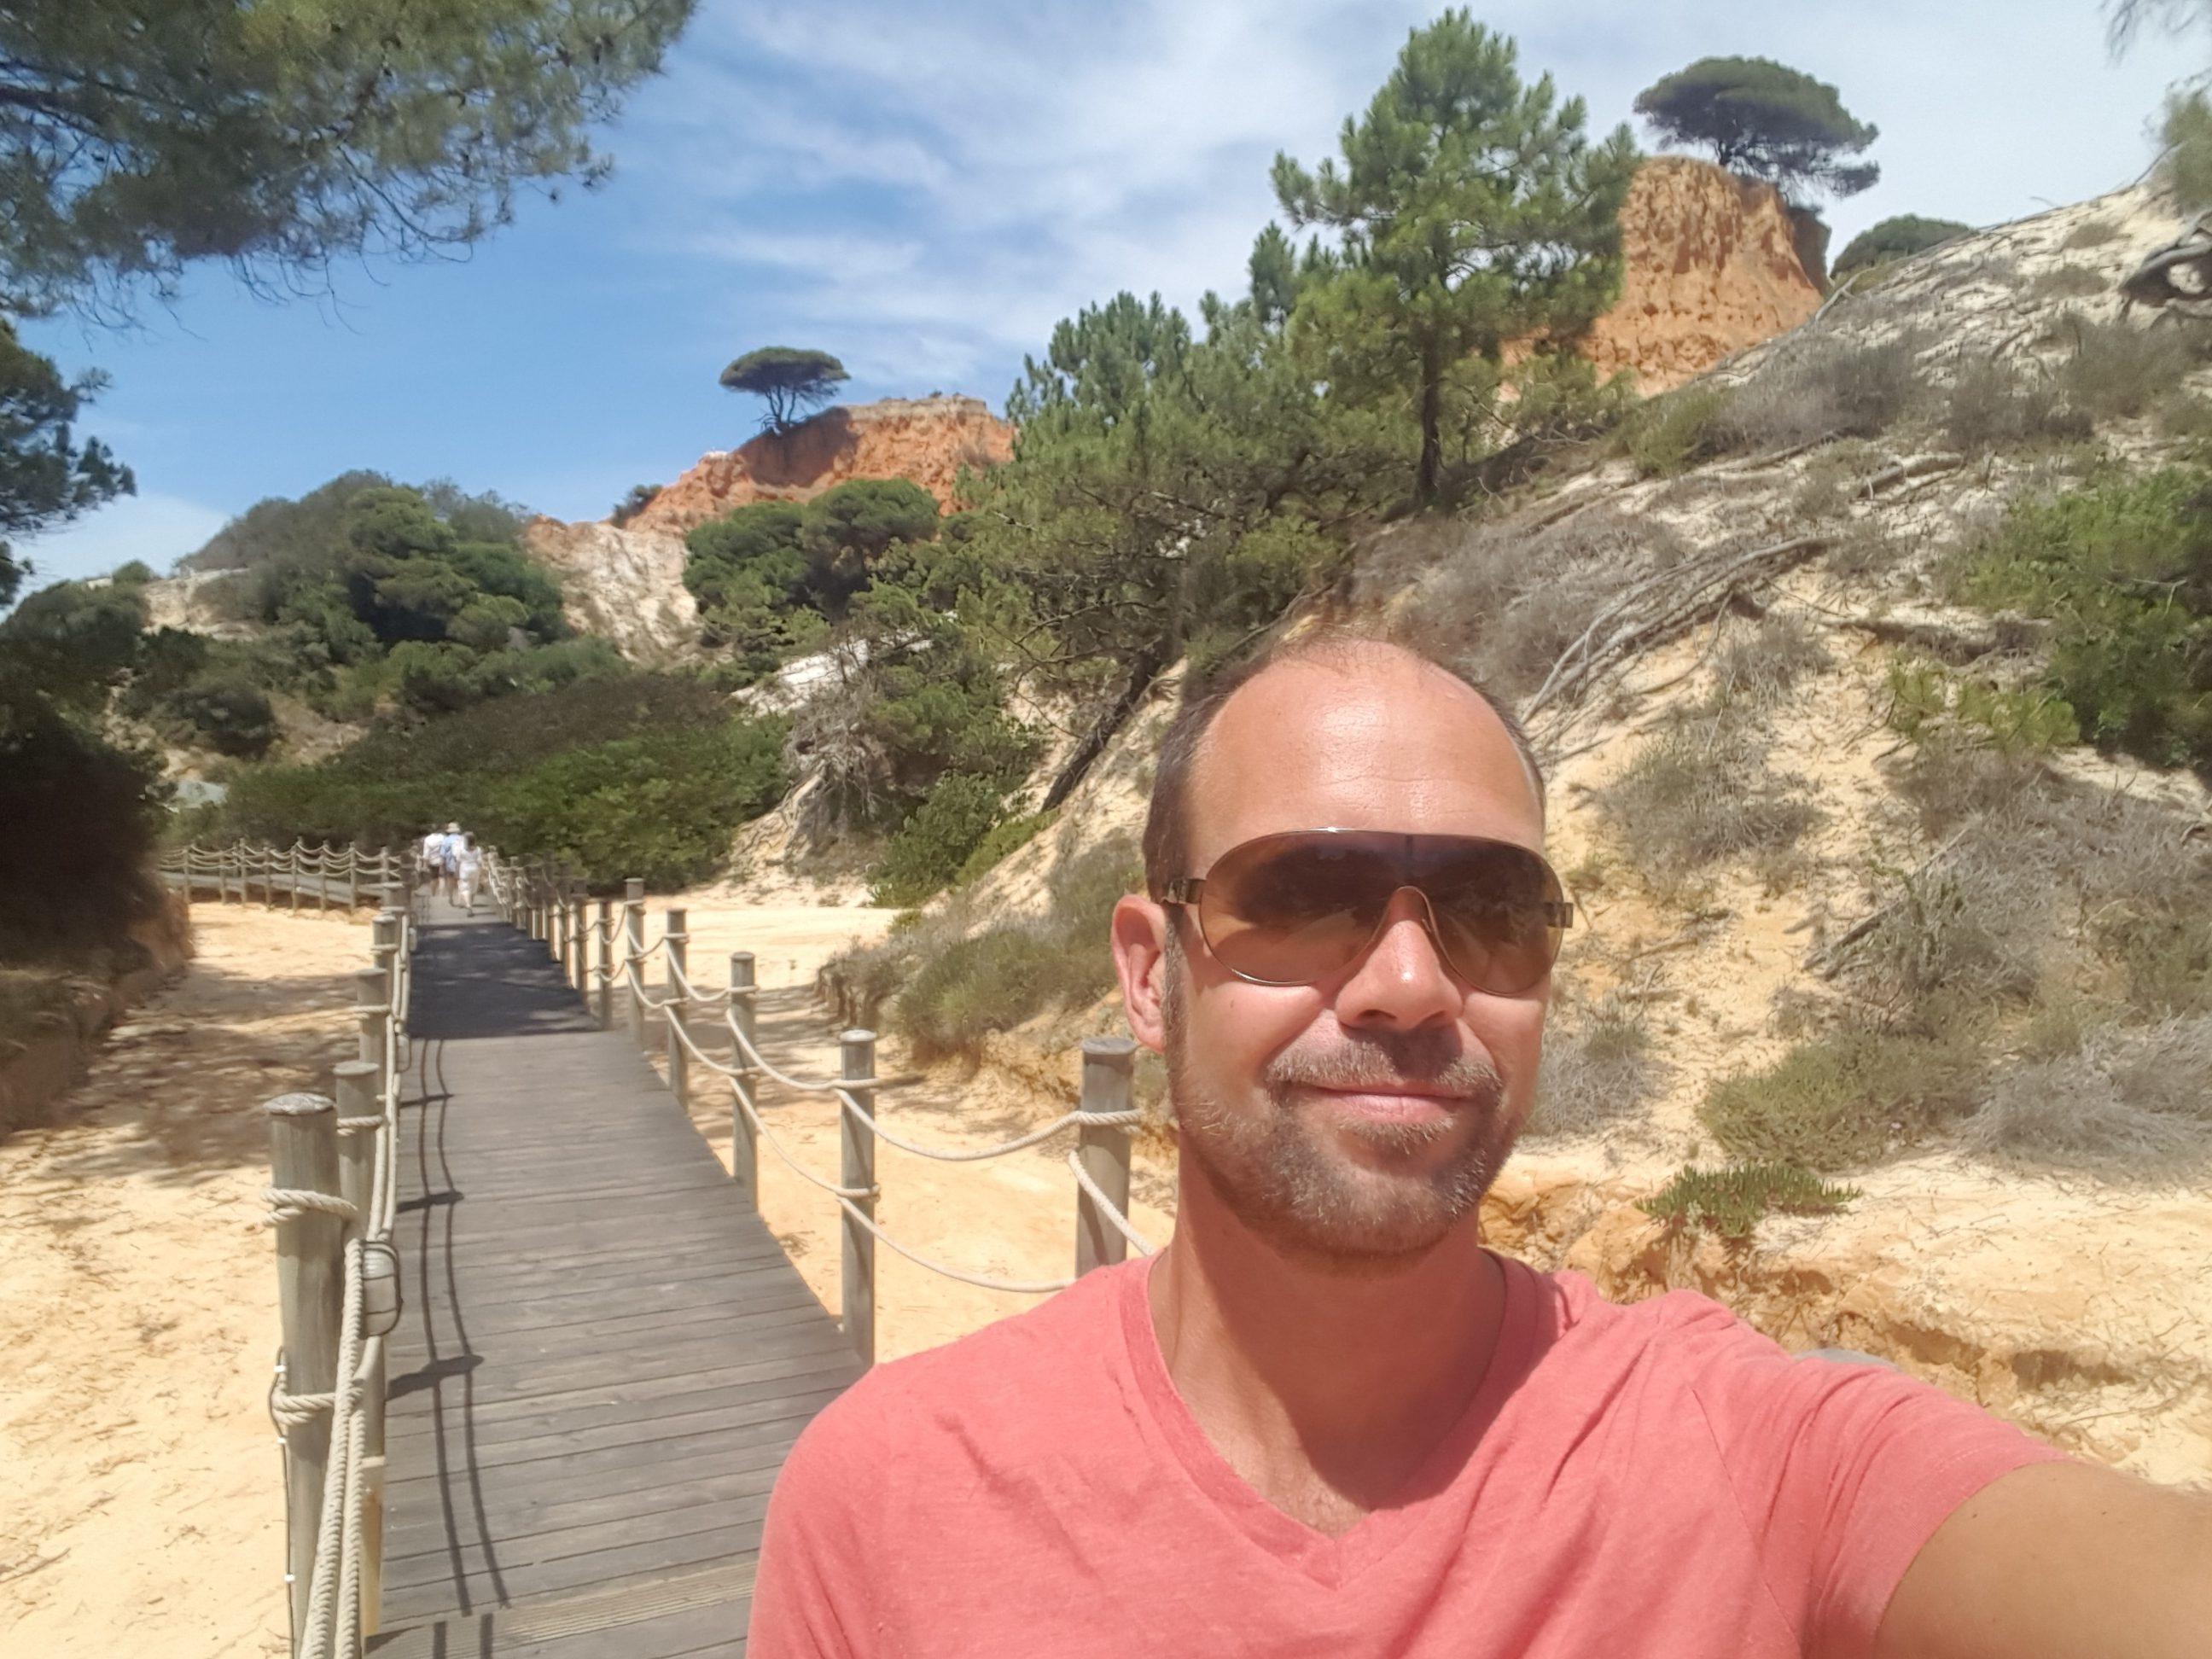 Alex in the Algarve